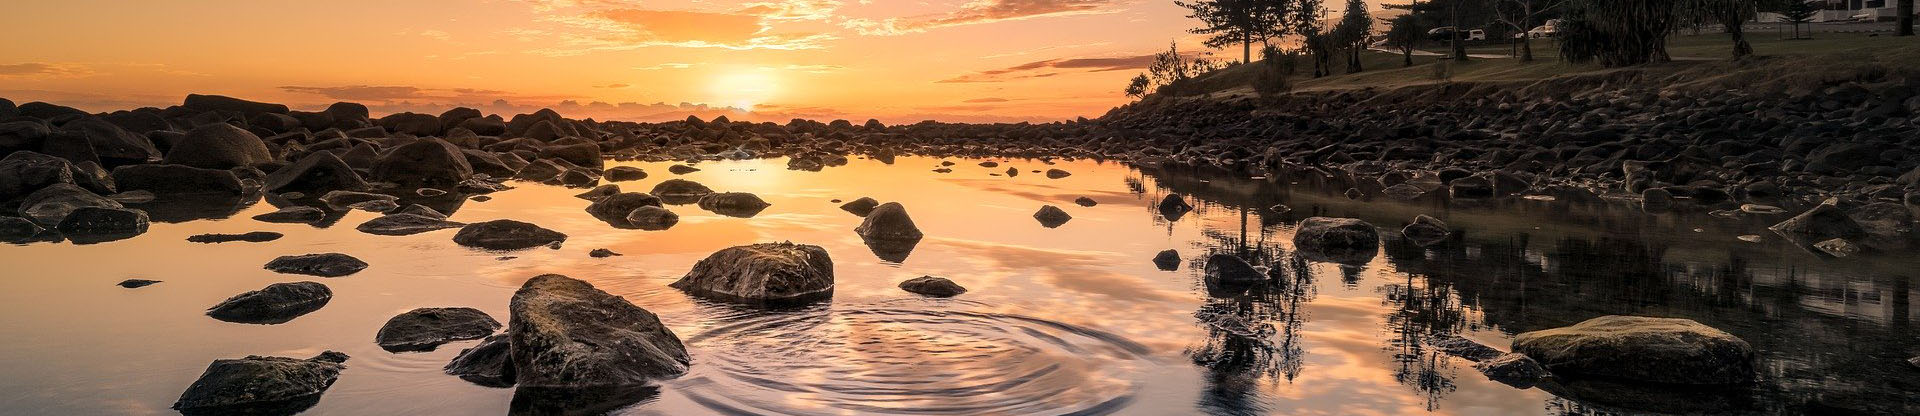 lake, sunset